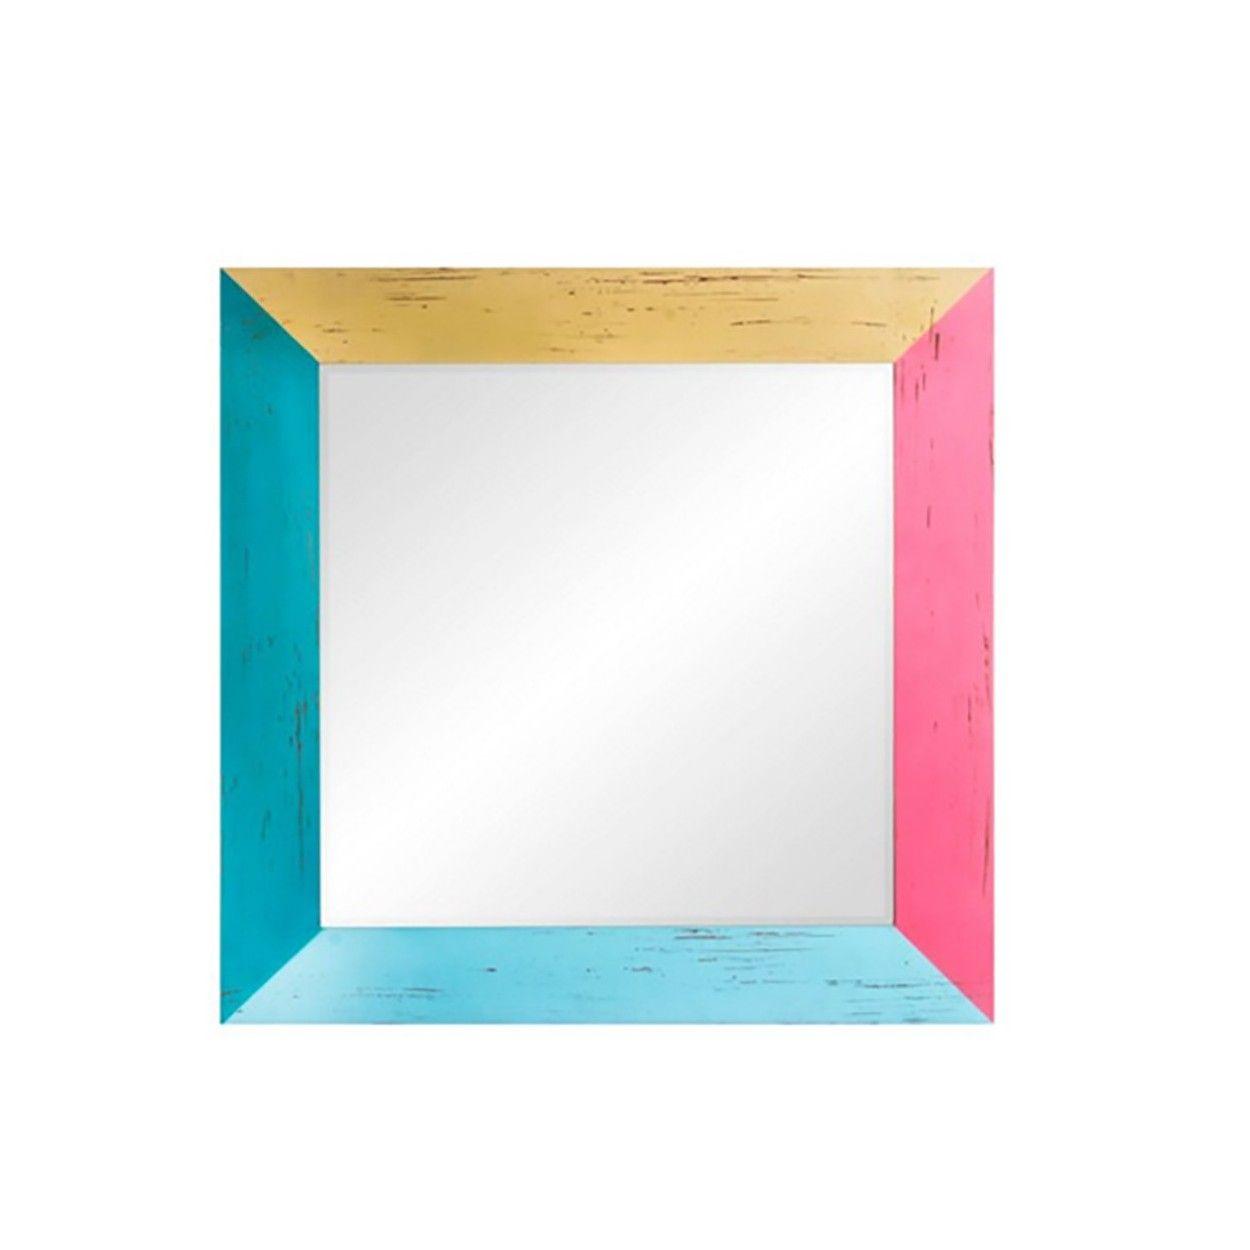 Espejo pared de madera colores 70x70 cm hogar y m s for Espejos de pared de madera